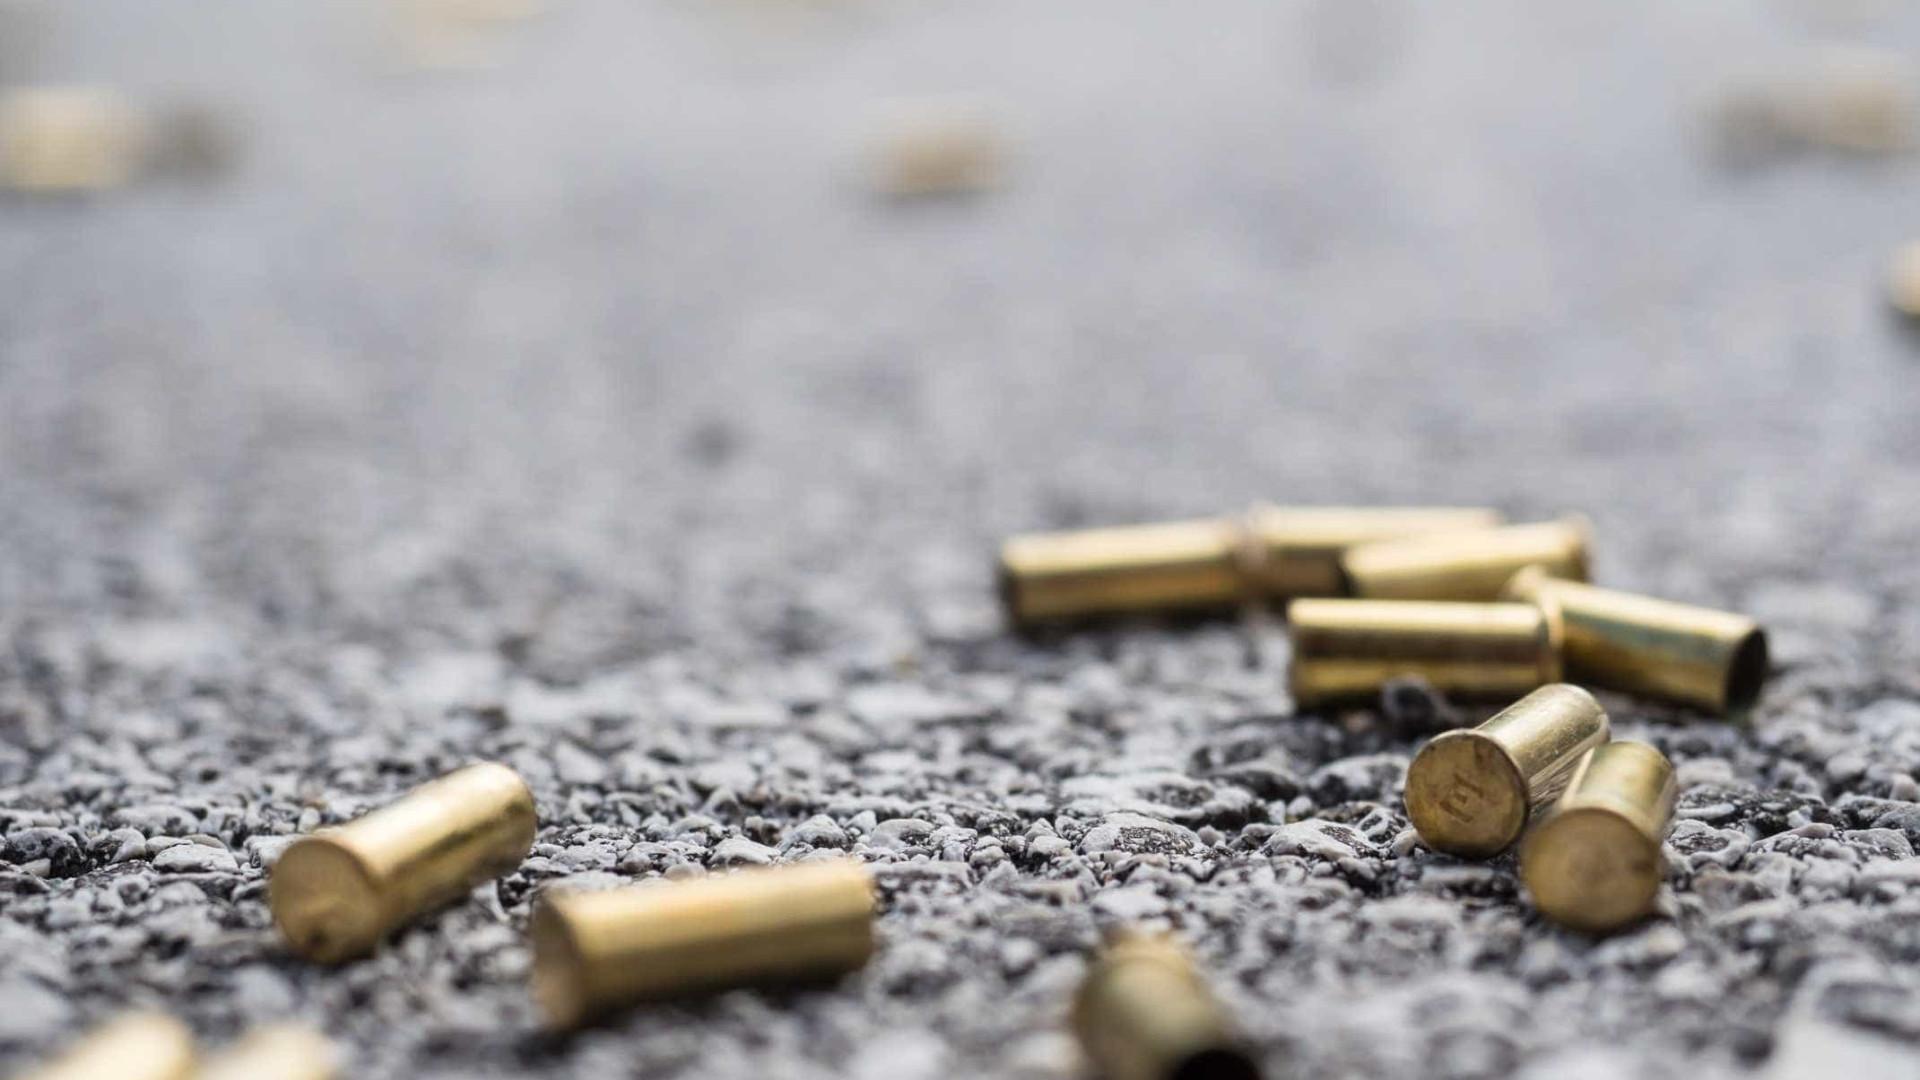 Operação contra roubo de carros tem 3 mortos e 12 presos no Rio